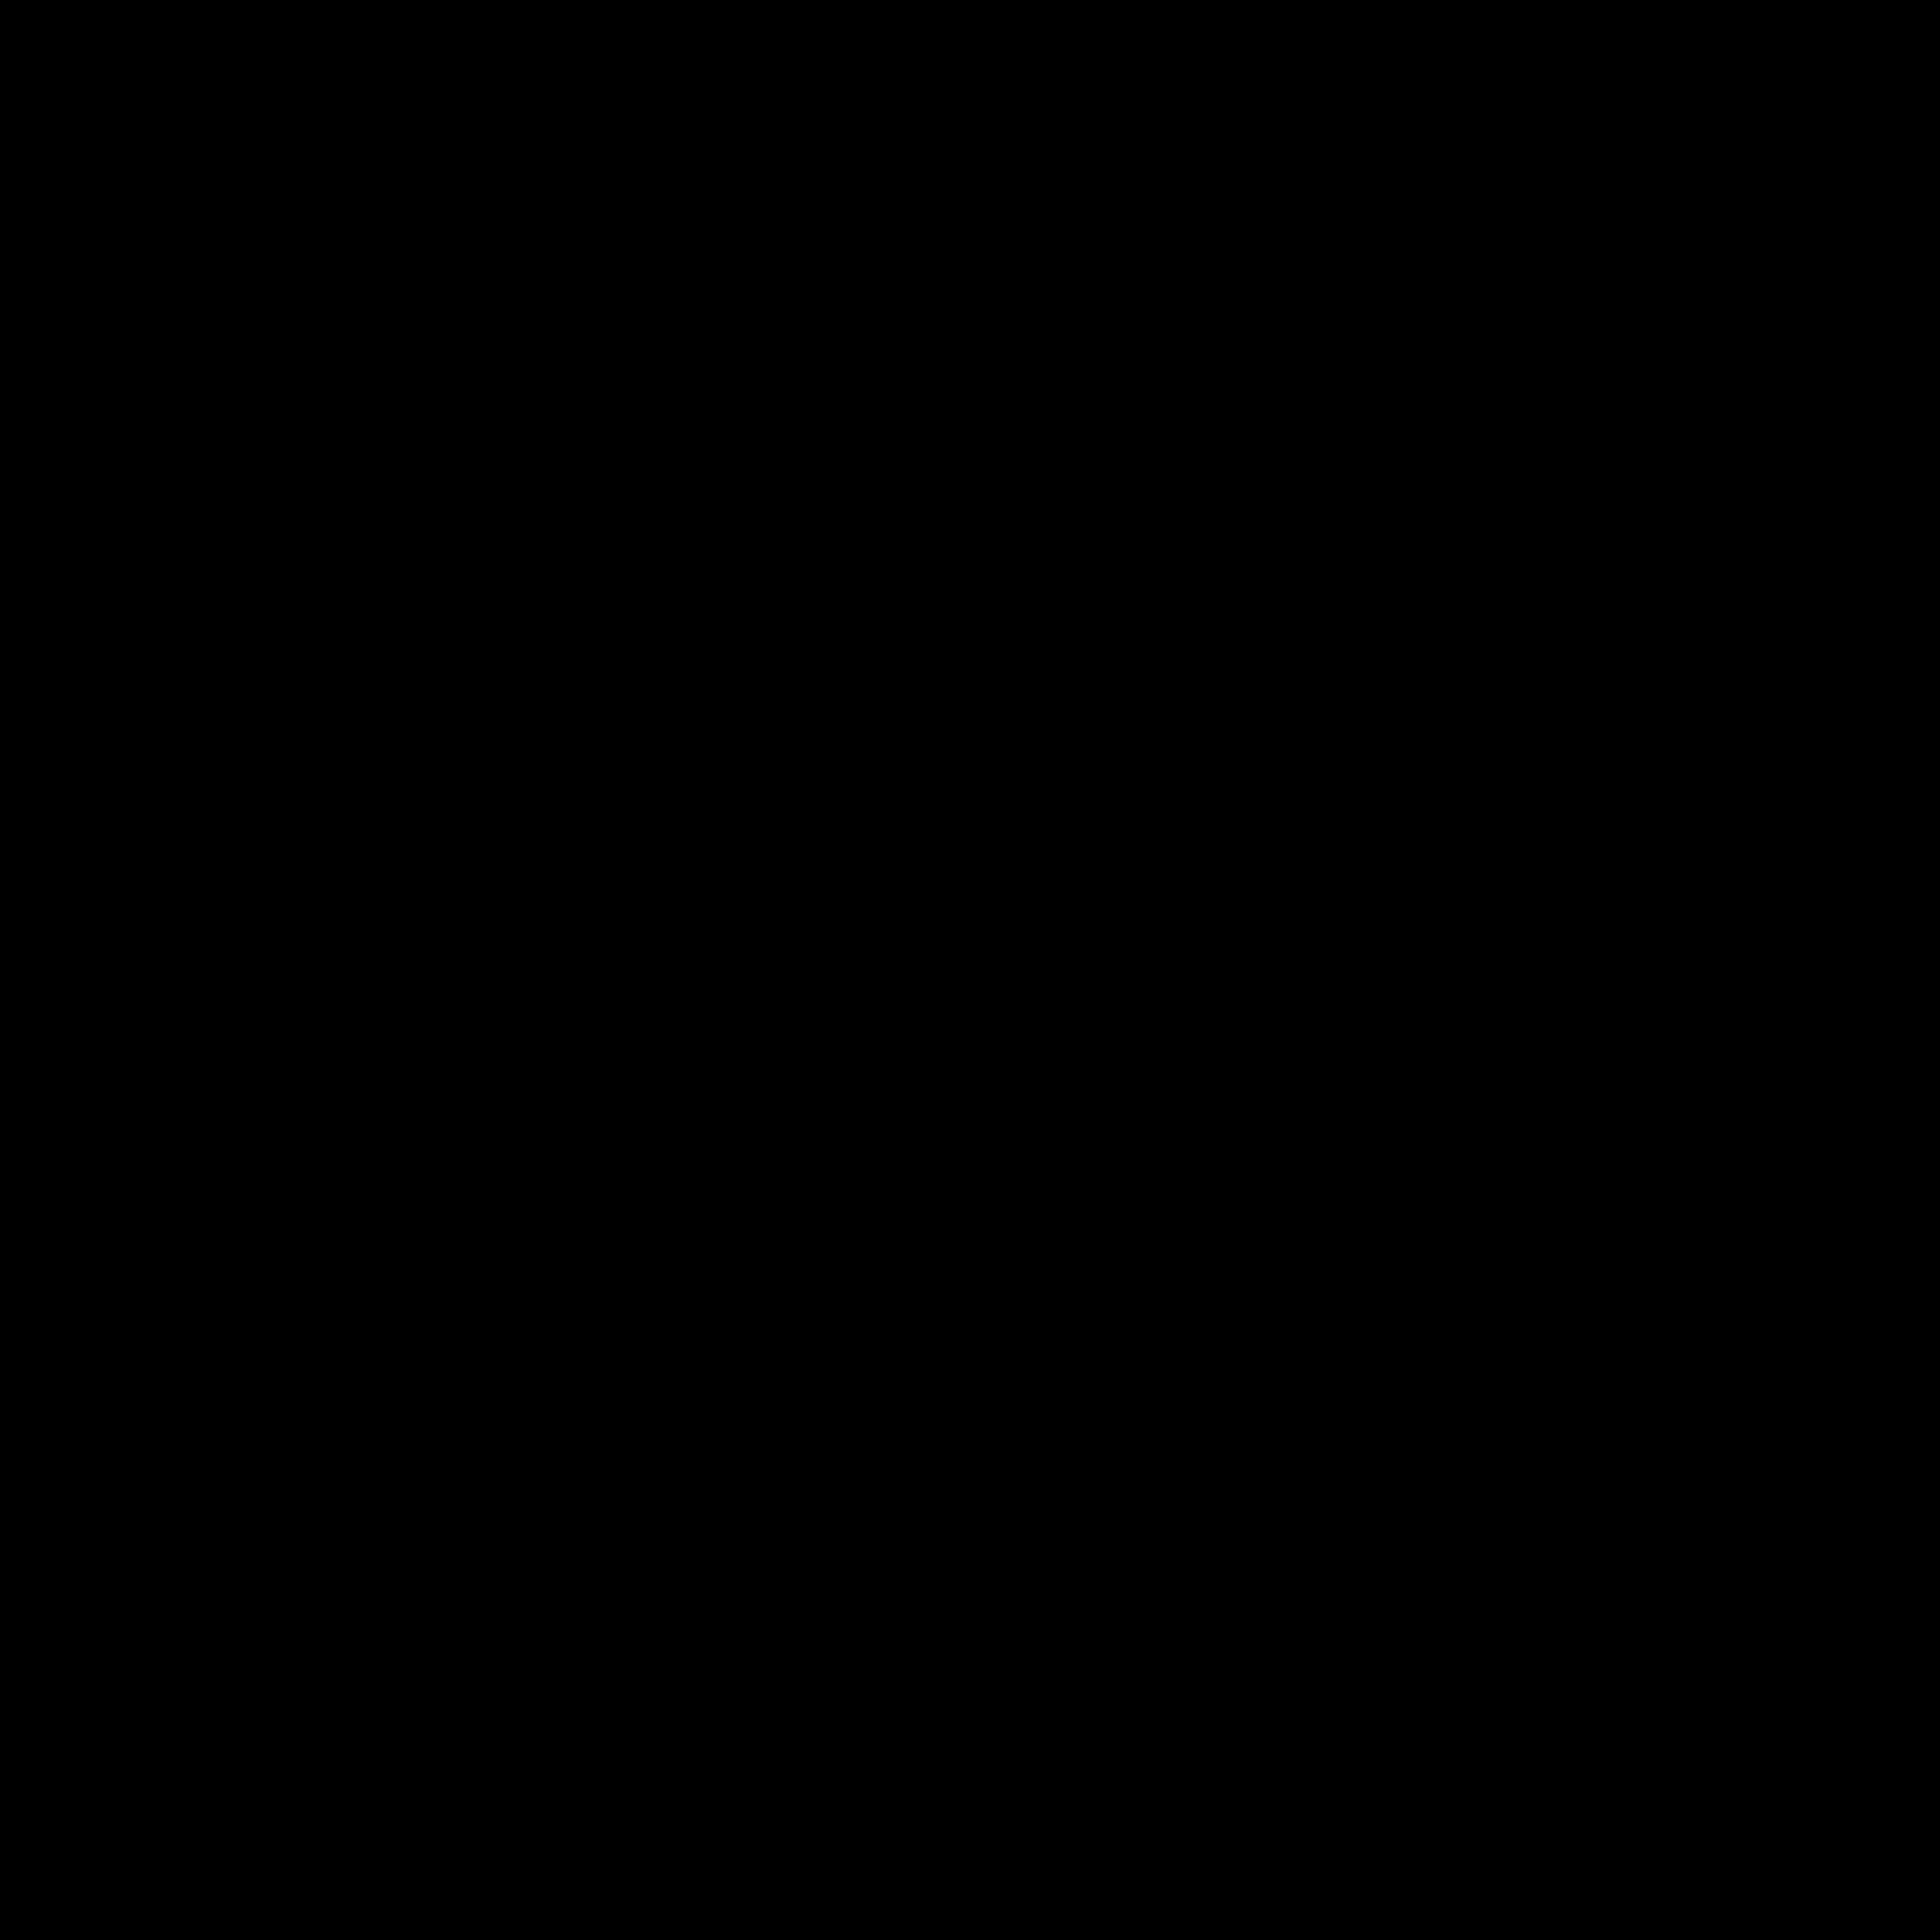 WYSSEN DEFENCE Mantelrohr Komando für STGW57